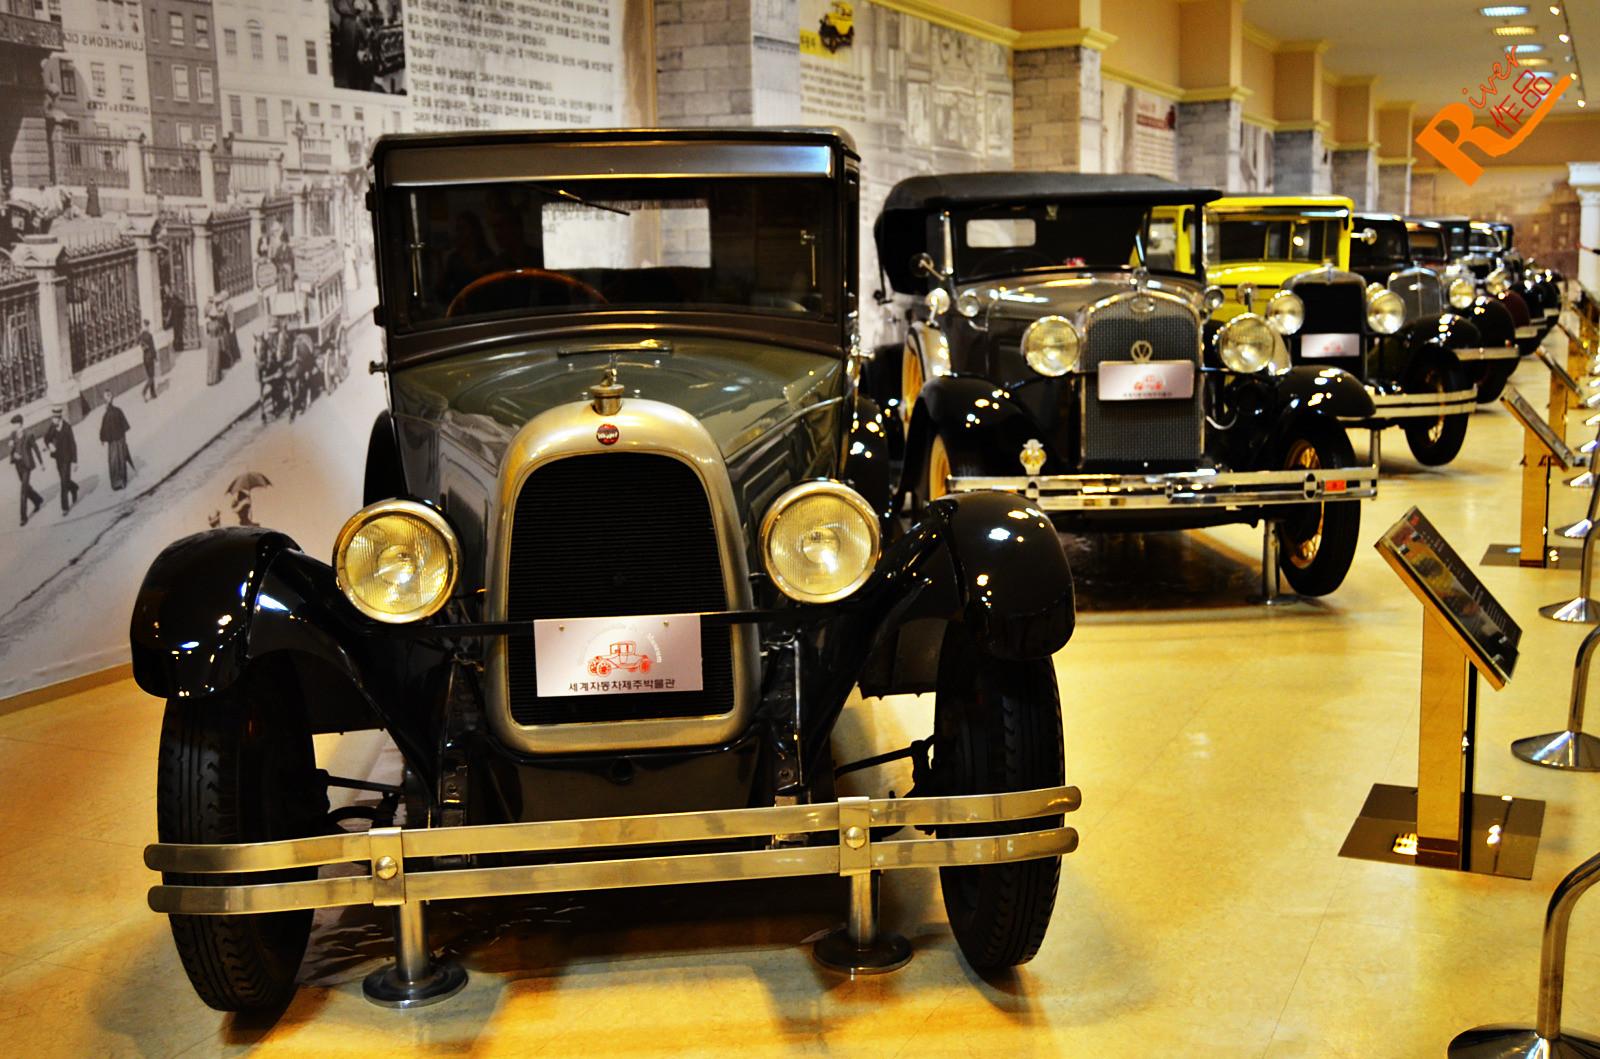 泰山世界老爷车博物馆抢购